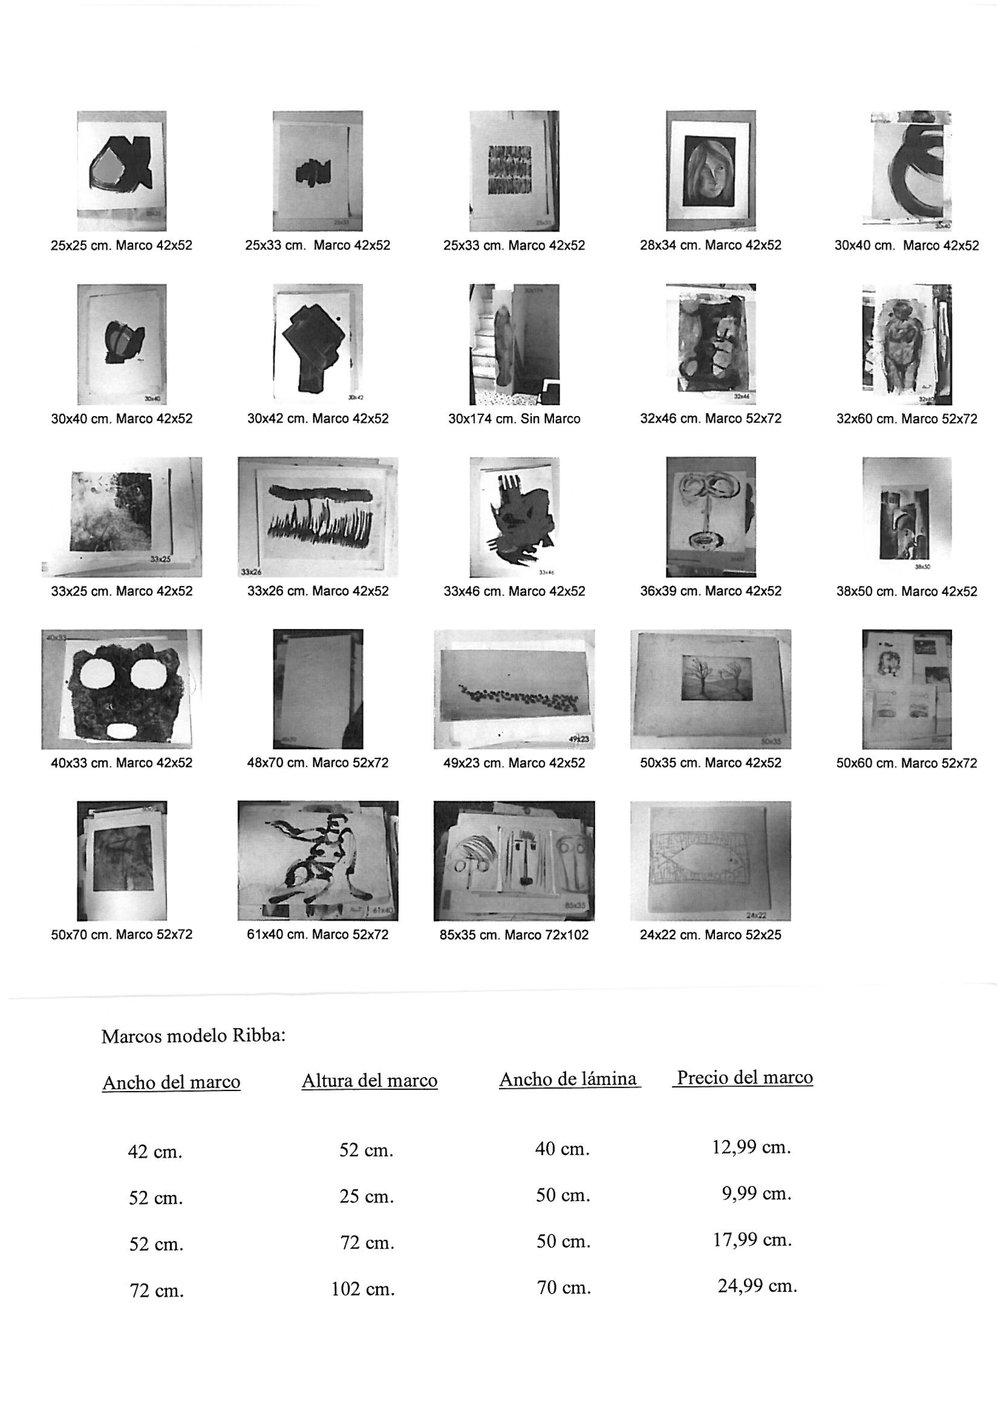 Dimensiones de Pinturas y Marcos.jpg